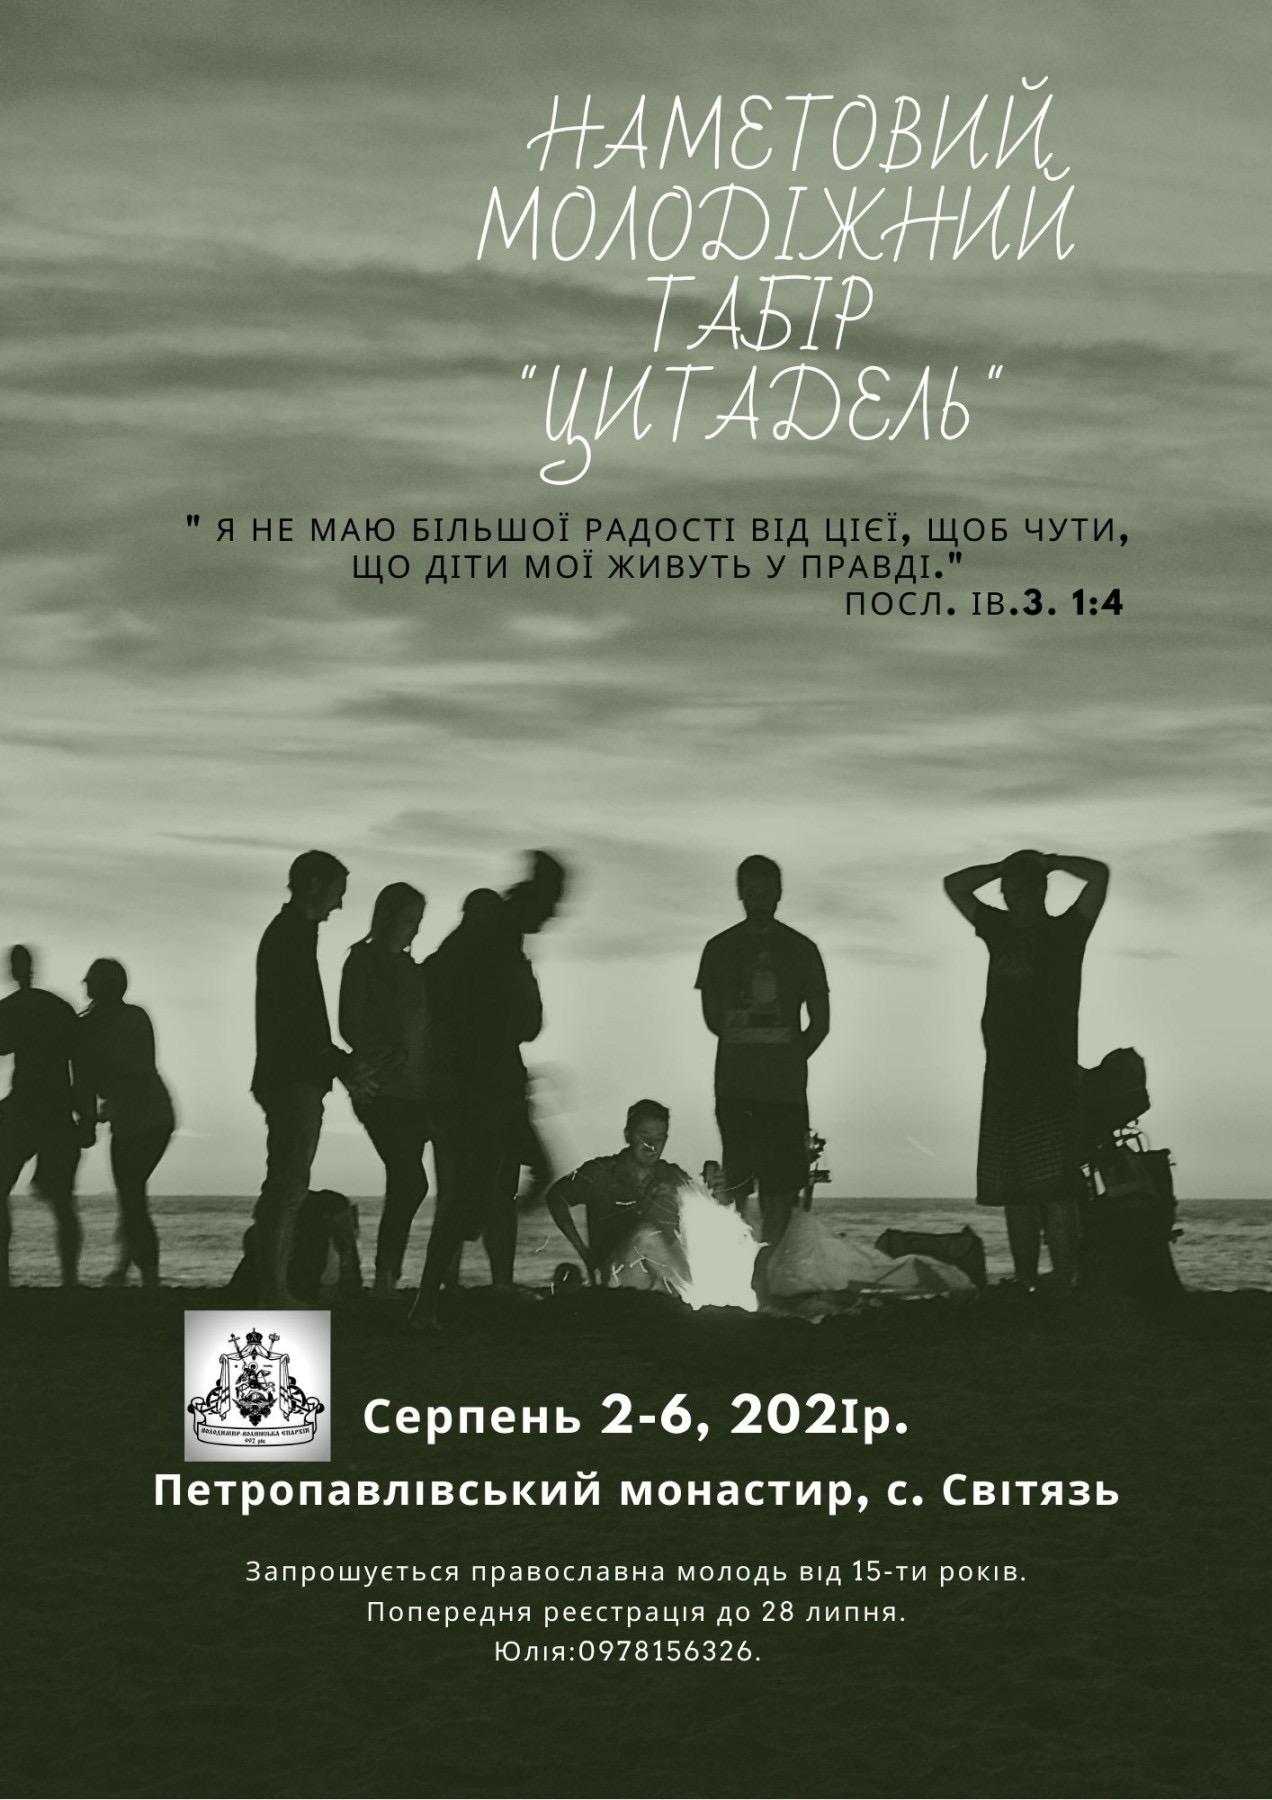 Запрошуємо у молодіжний табір «Цитадель»